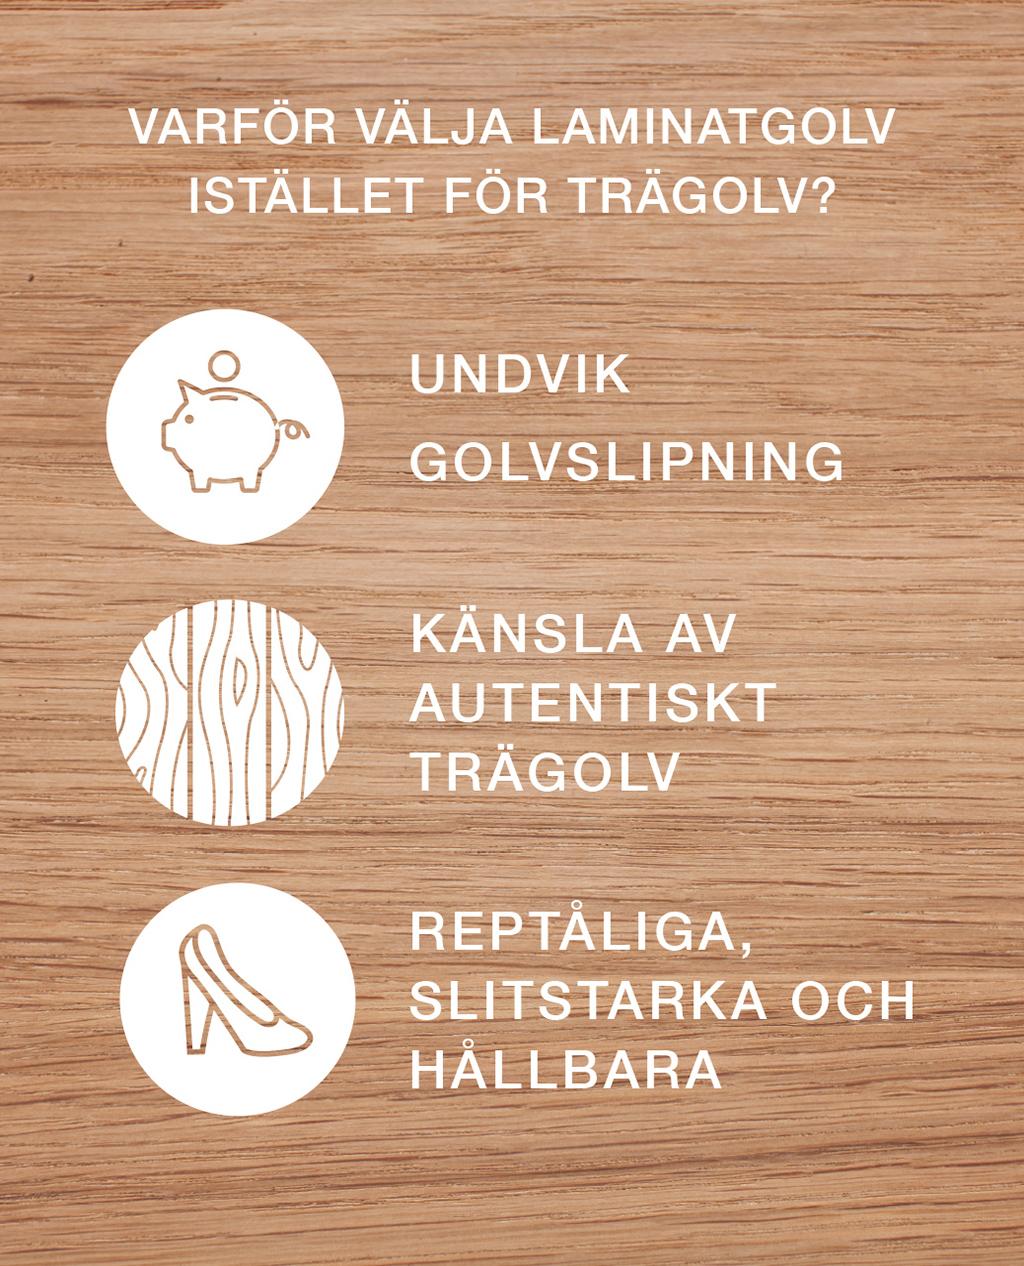 Pergo-infographic-varfor-valja-laminatgolv-istallet-for-tragolv